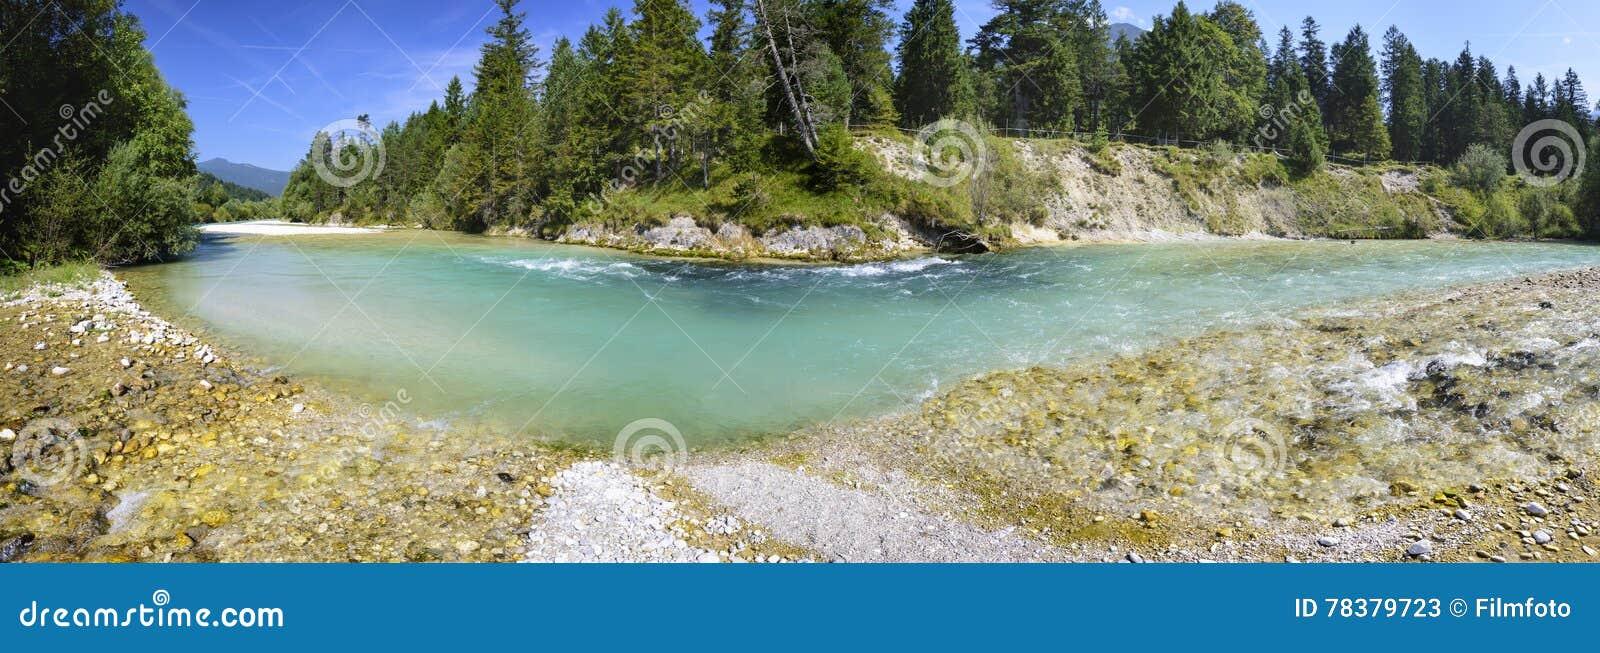 Cena do panorama em Baviera com rio